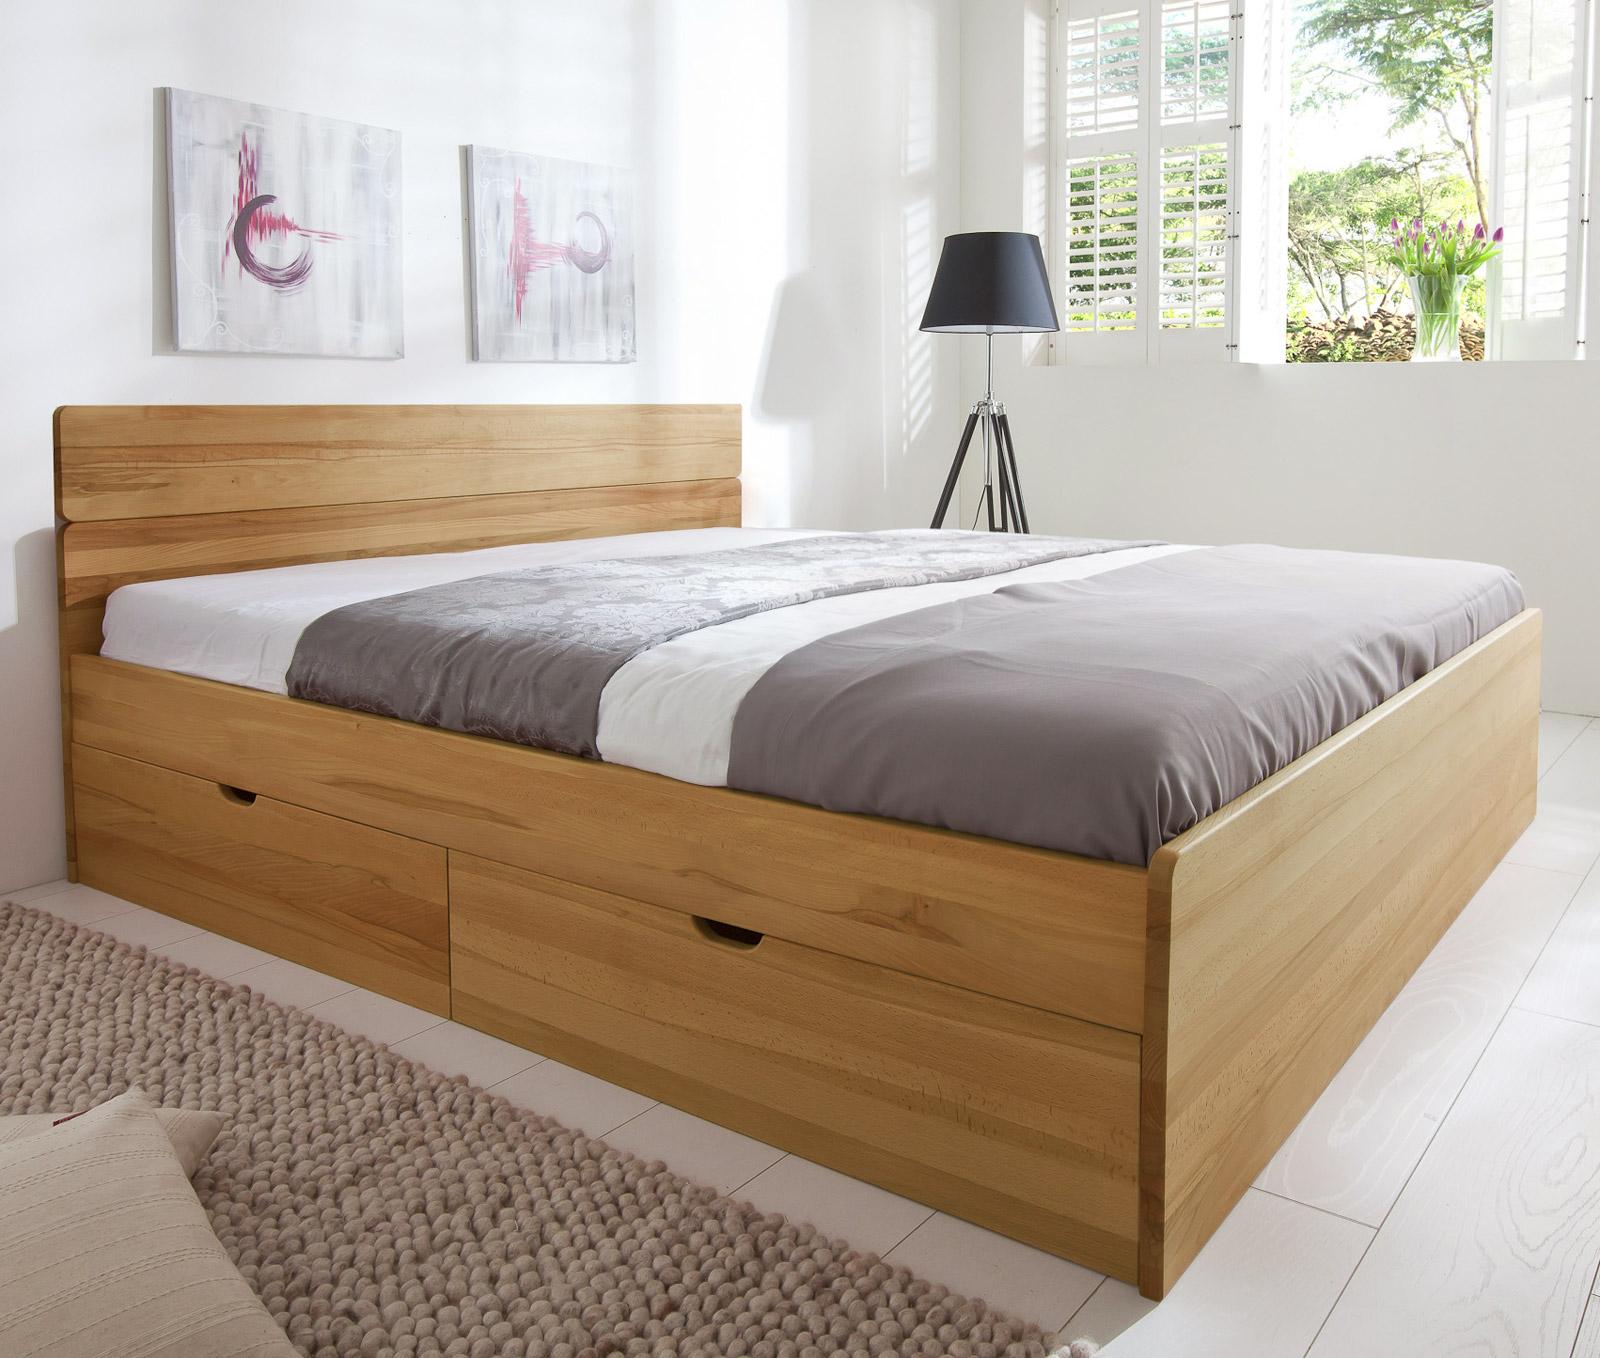 Full Size of Bett Mit Schubksten In Der Gre 180x200cm Finnland Bett Betten.de